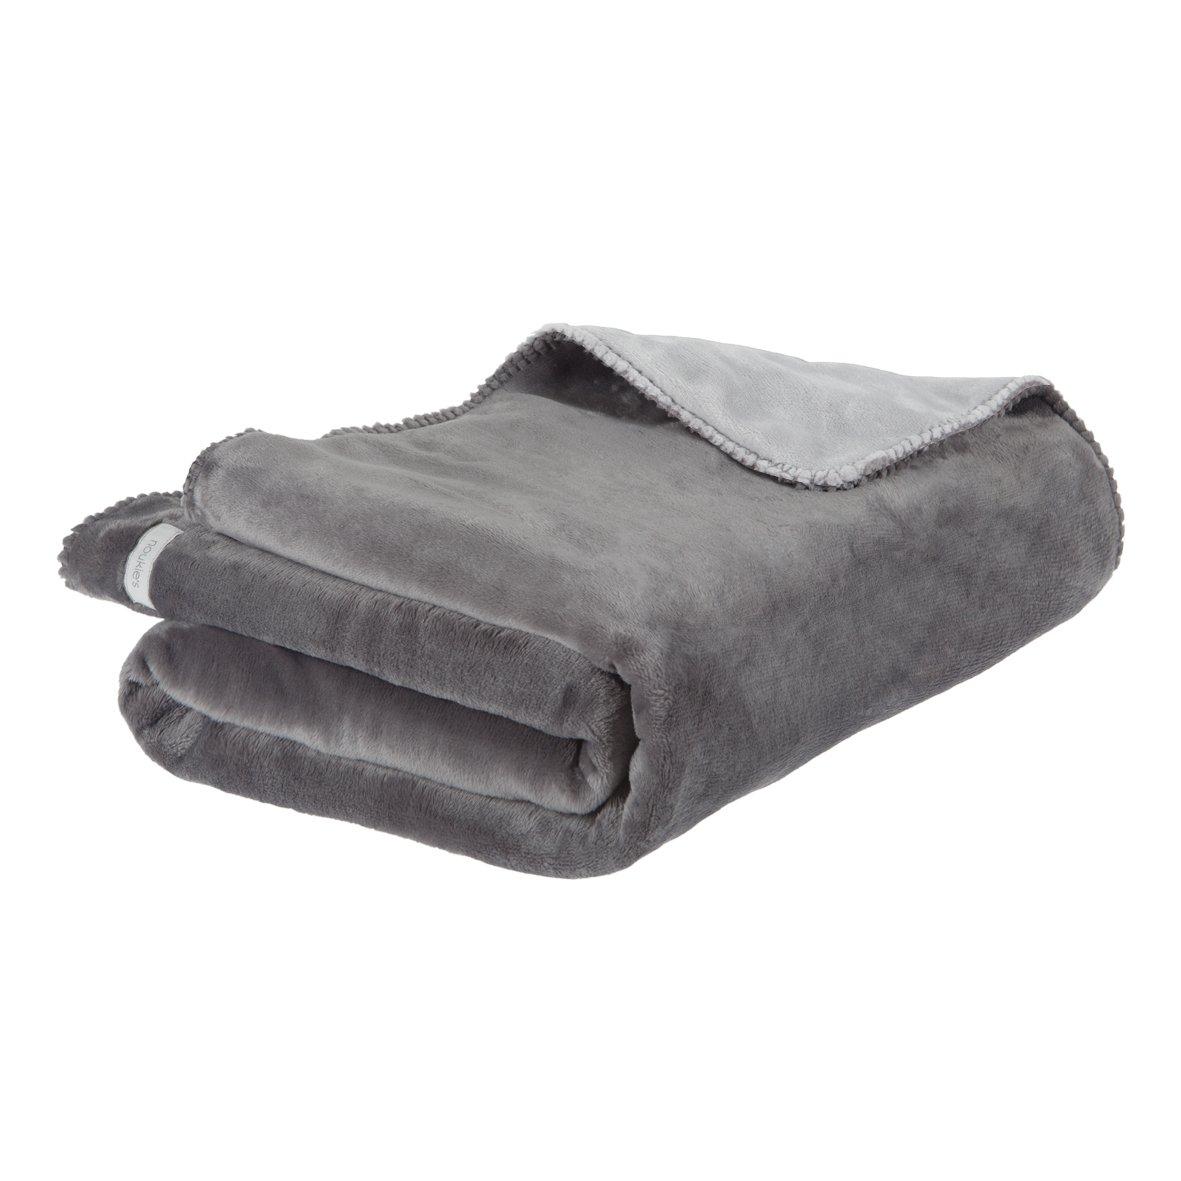 Noukies BB1410201 Decke groslx und klar, 100 x 140 cm, dunkel grau